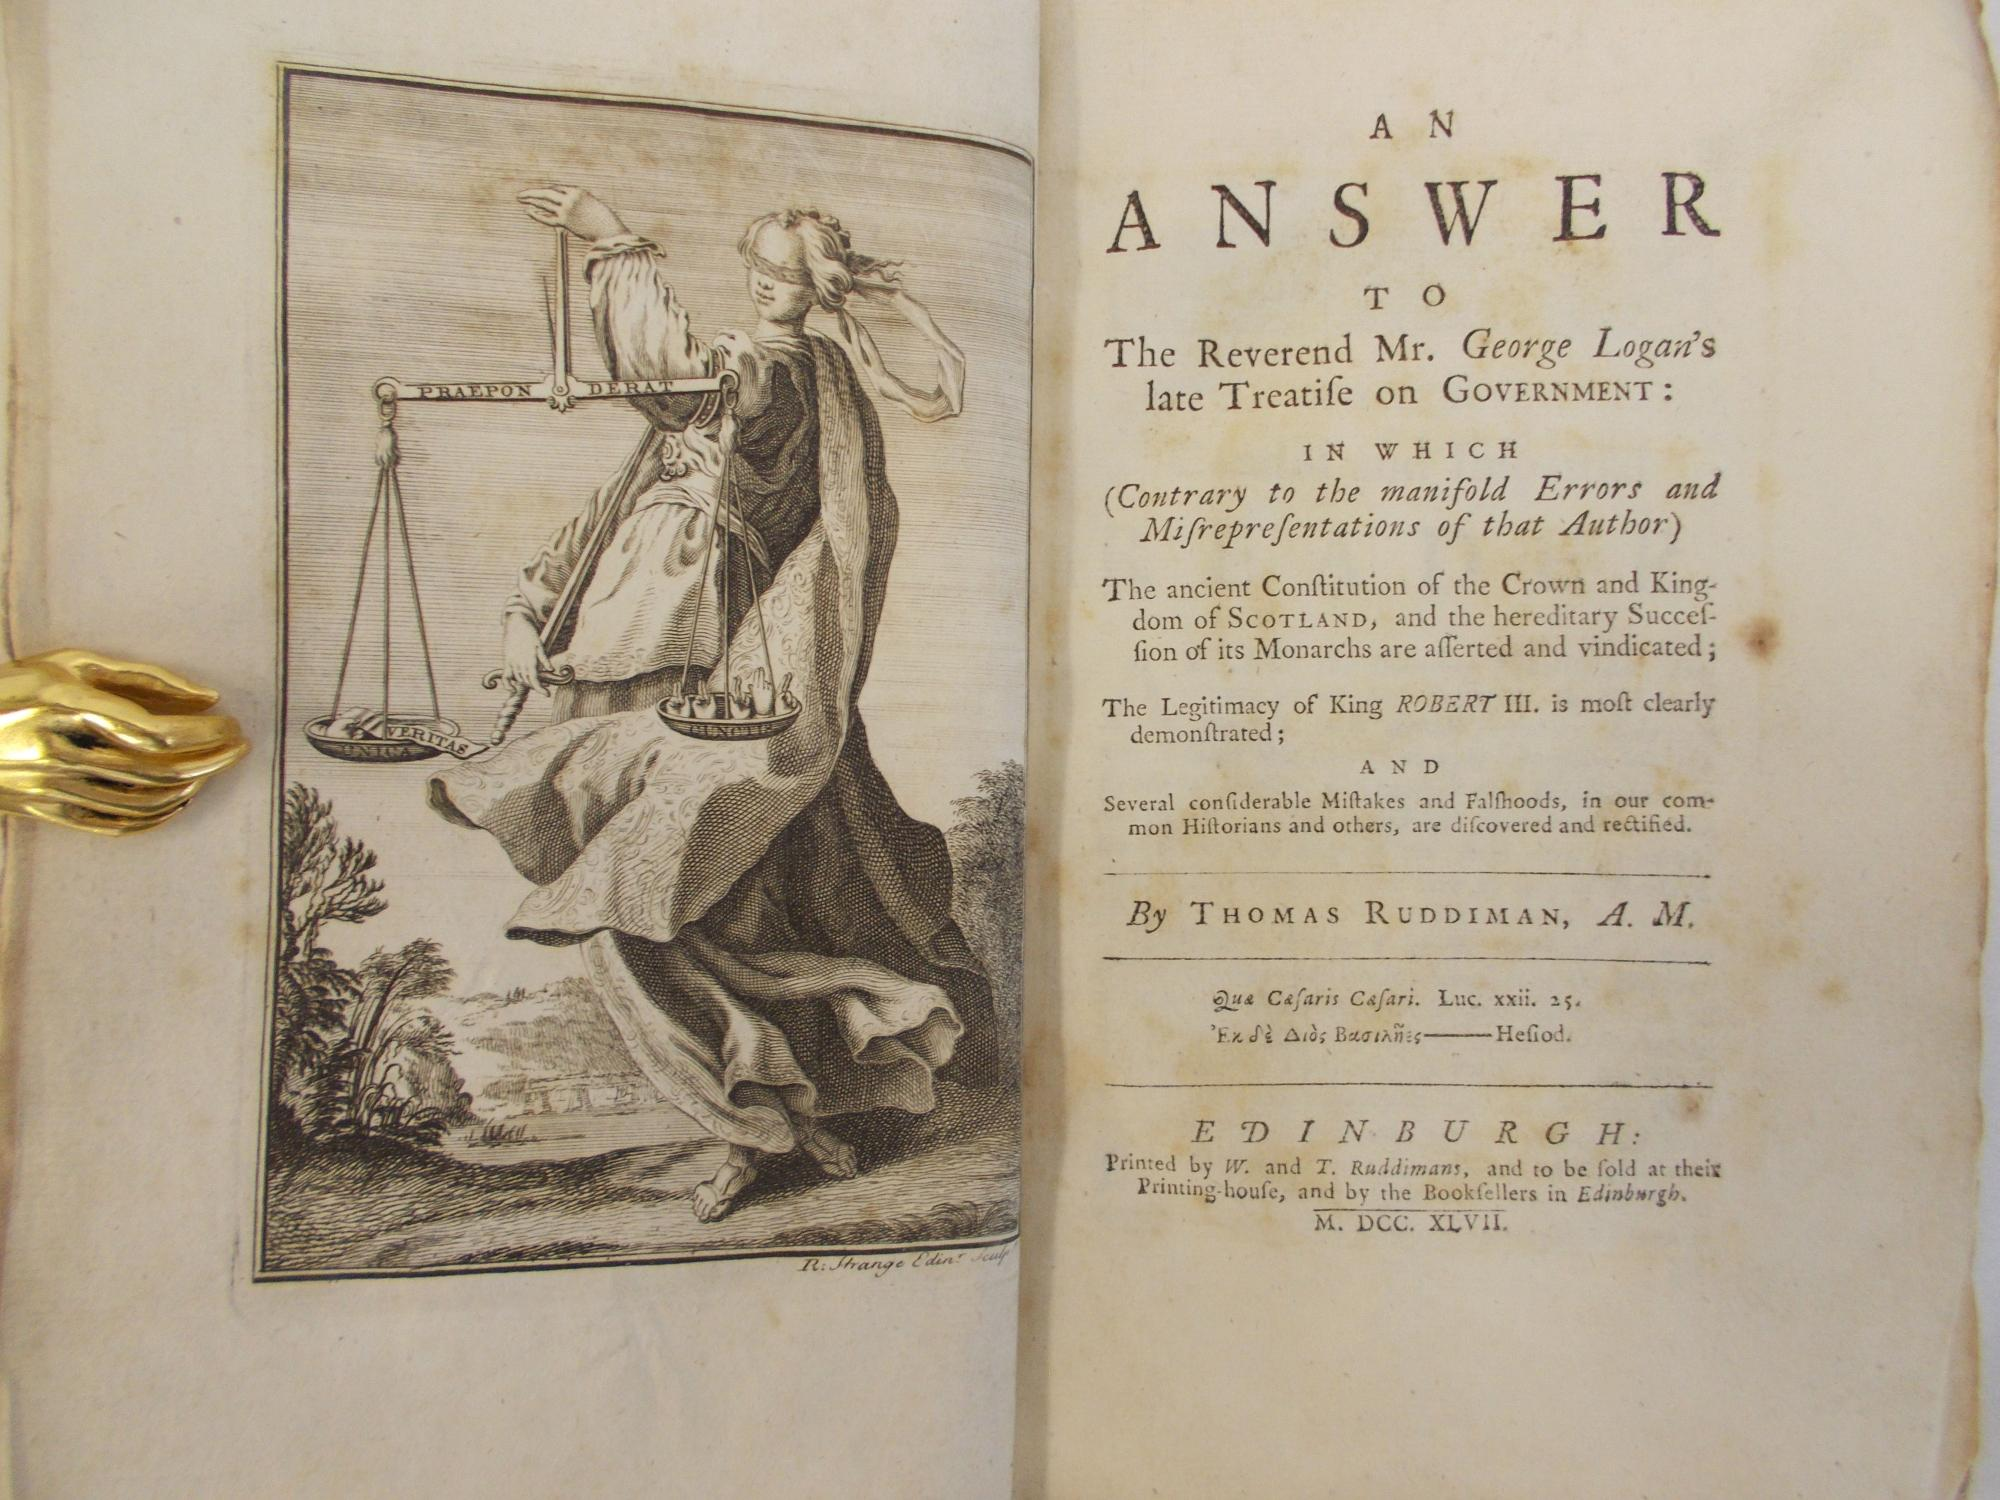 viaLibri ~ Rare Books from 1747 - Page 2